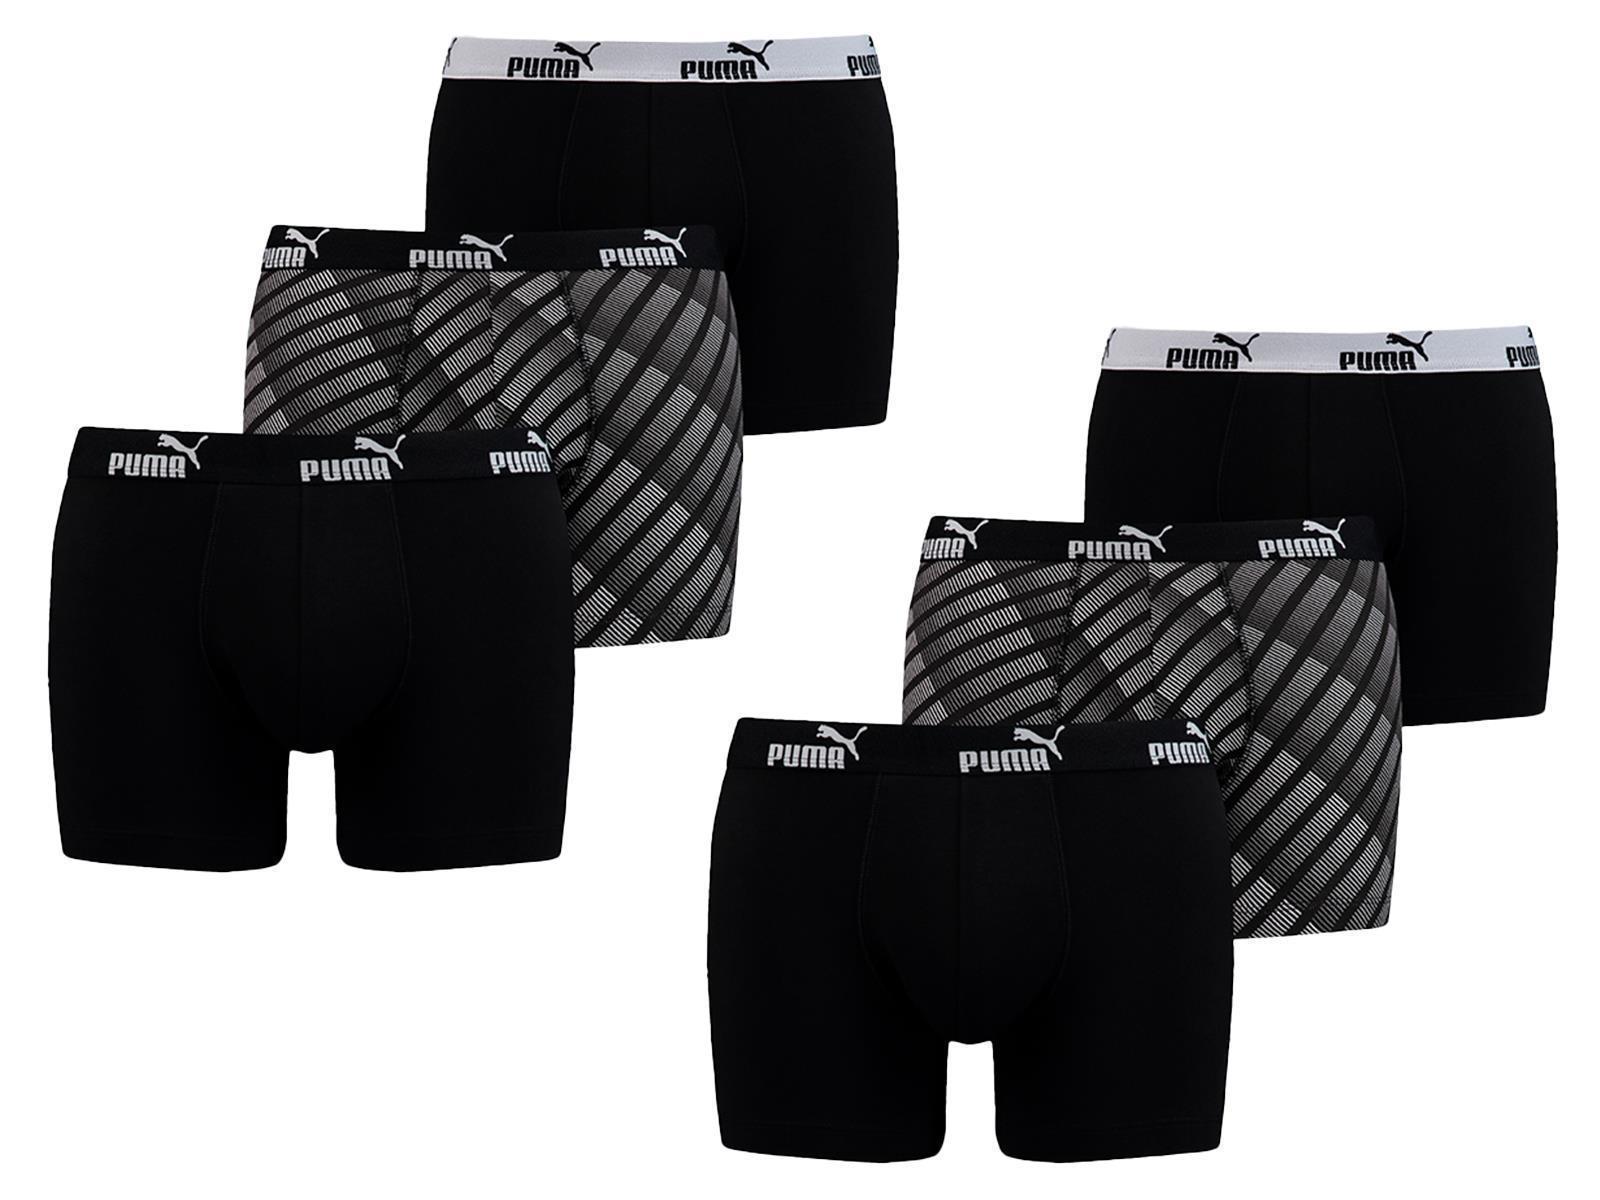 Puma Retro Boxershorts, 6er Pack, verschiedene Farben und Größen